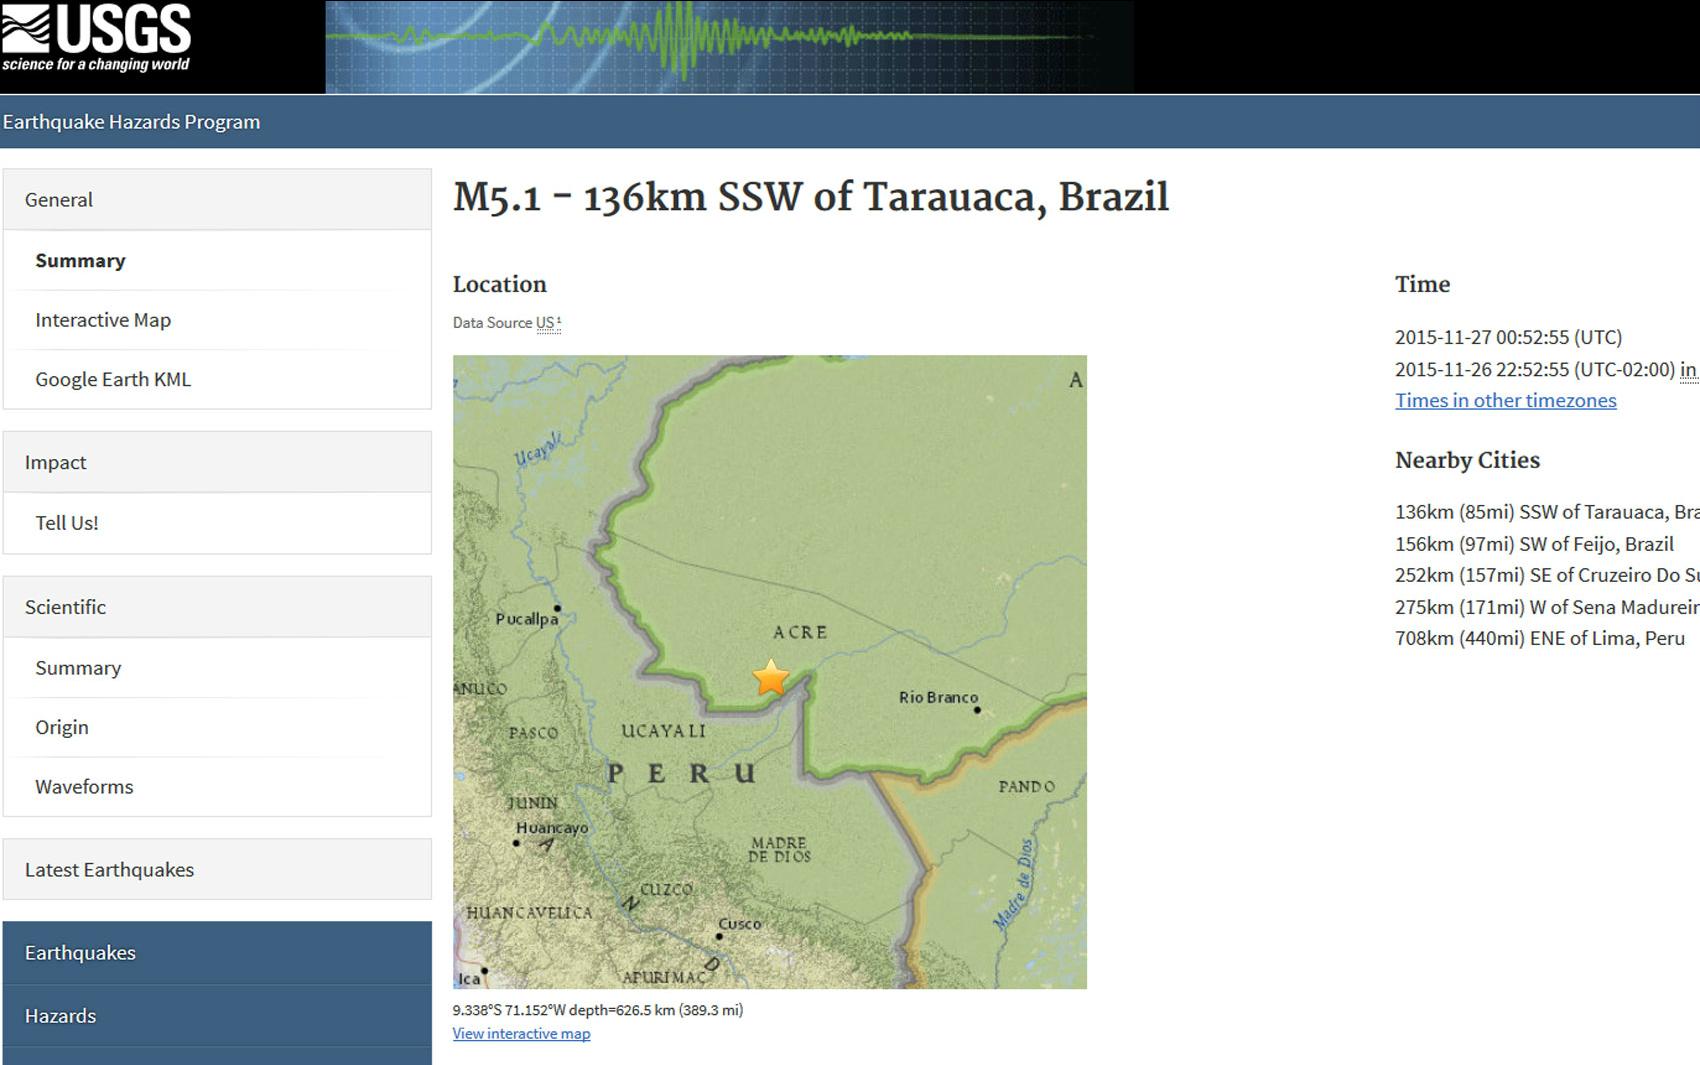 Terremoto de magnitude 5,1 atingiu município de Tarauacá, no Acre (Foto: Reprodução/USGS)